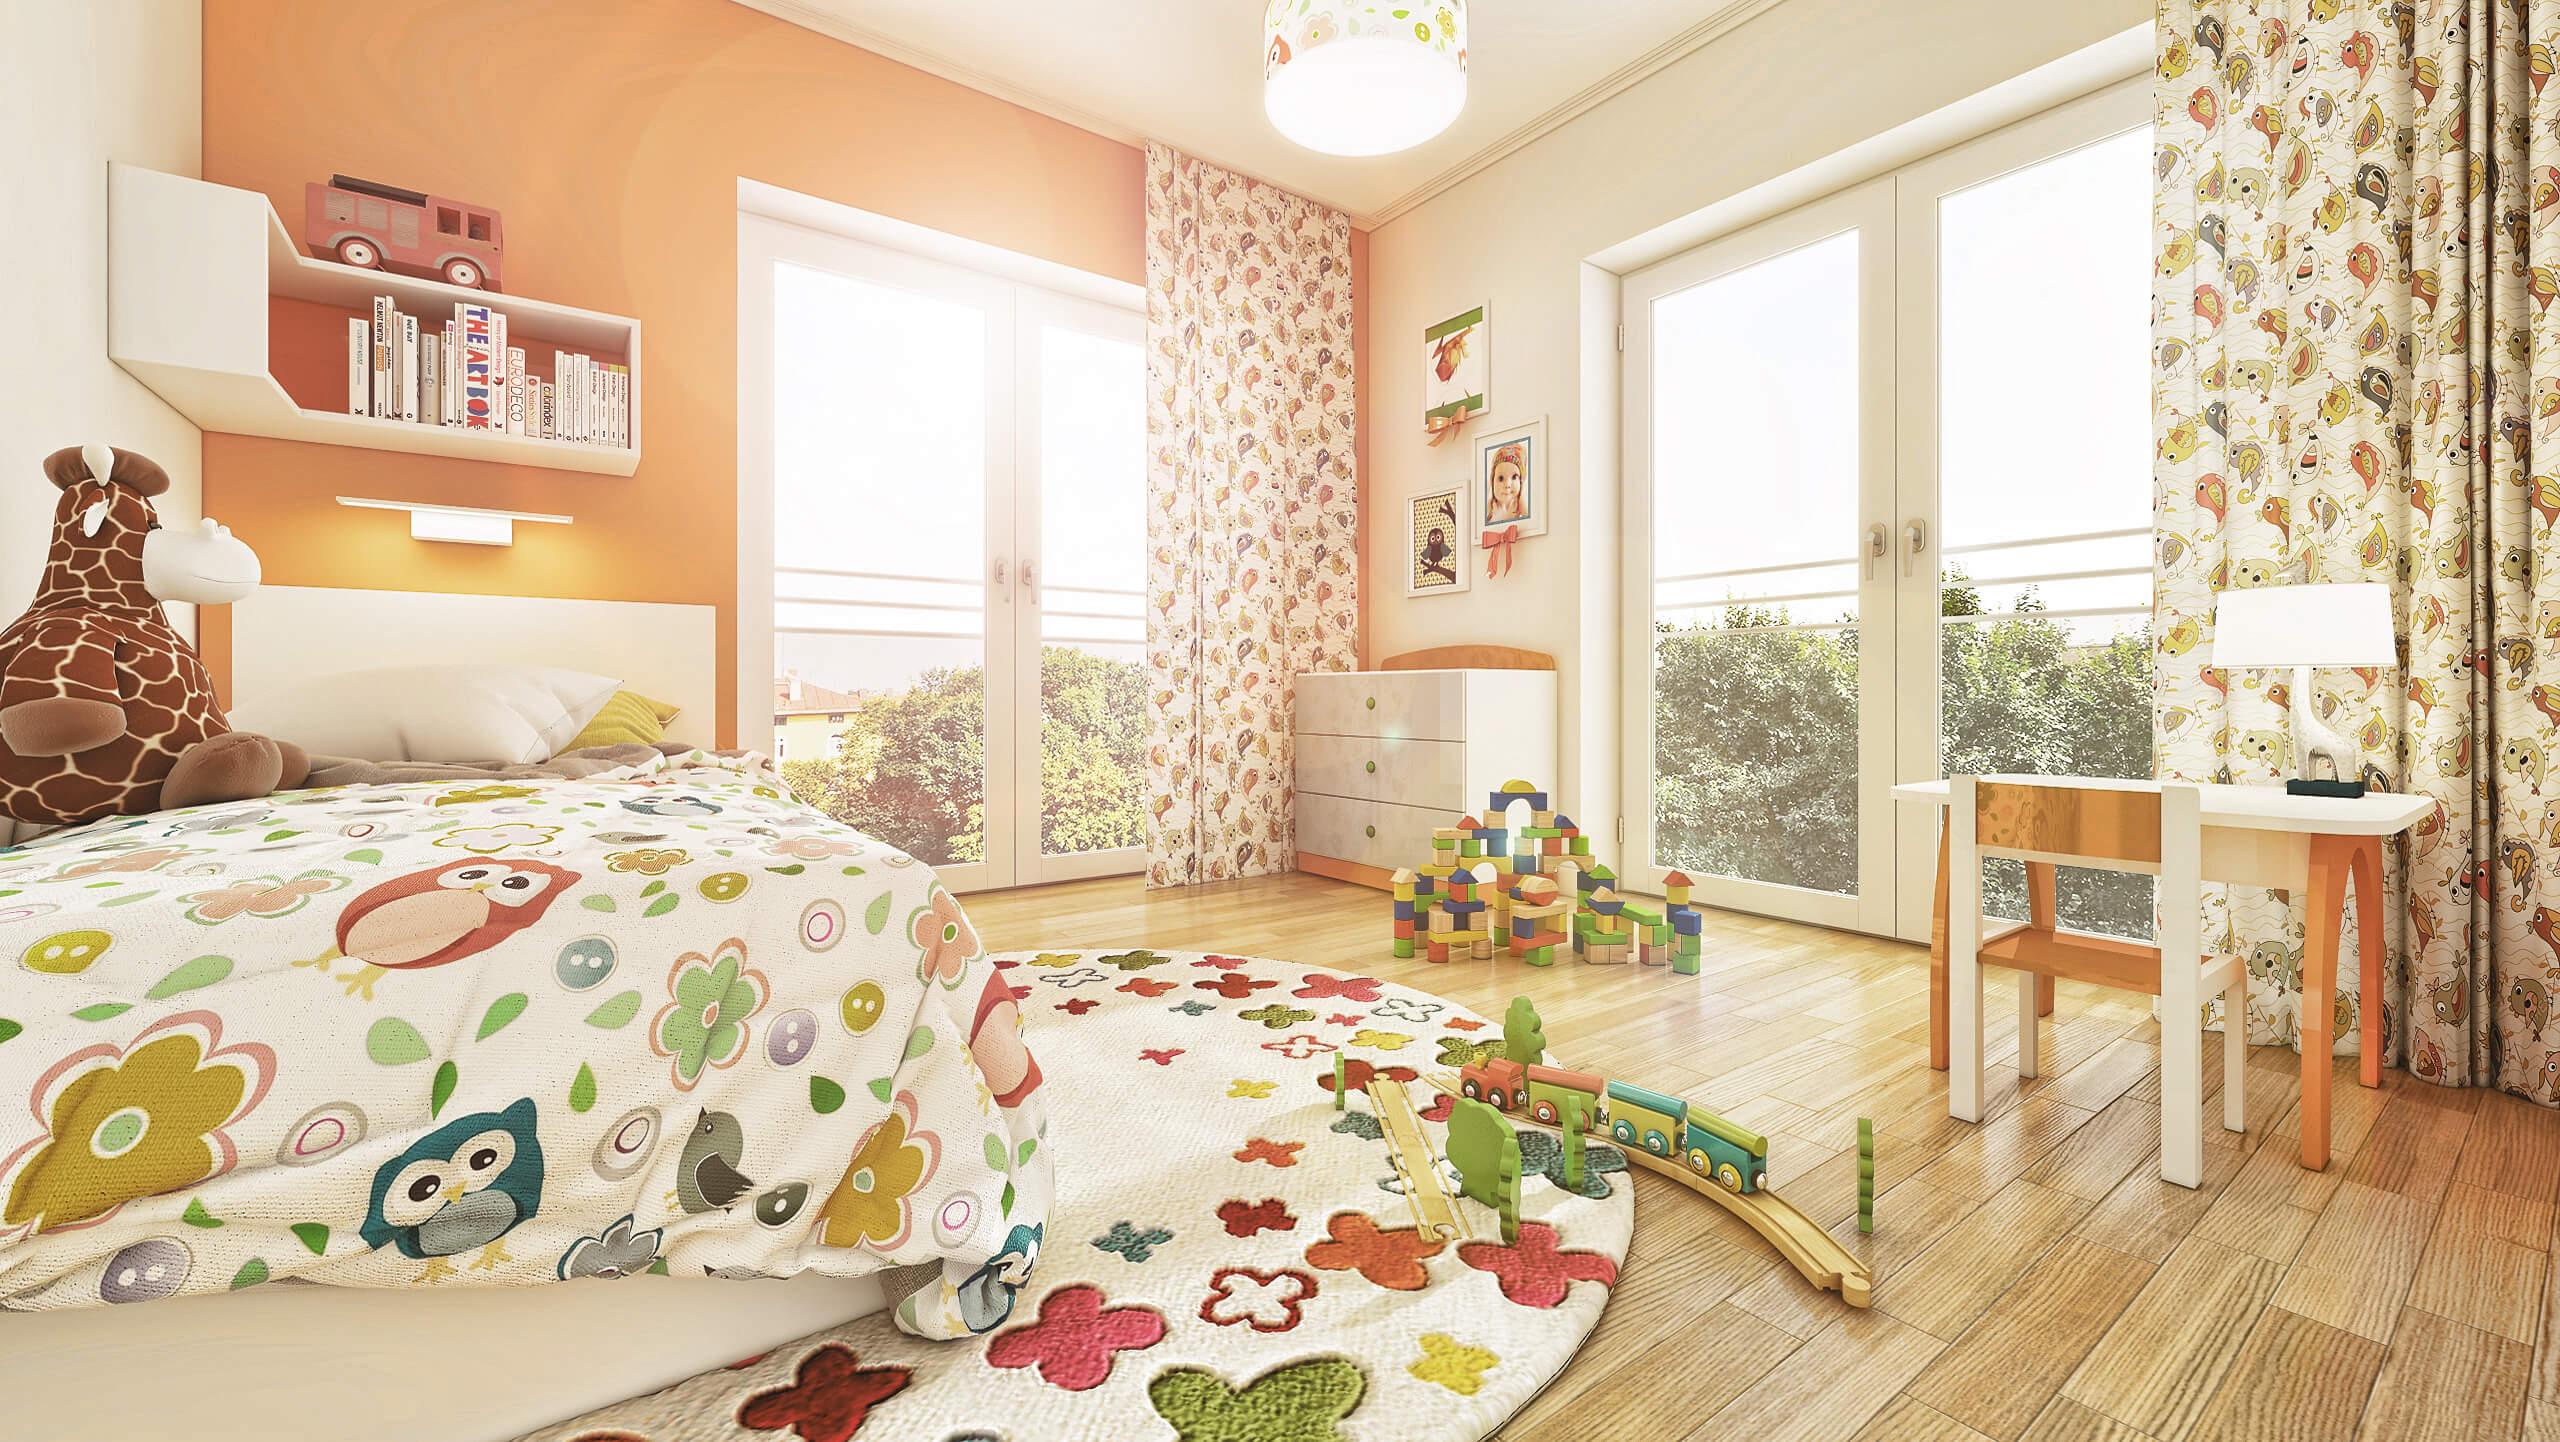 Innenvisualisierung Kinderzimmer